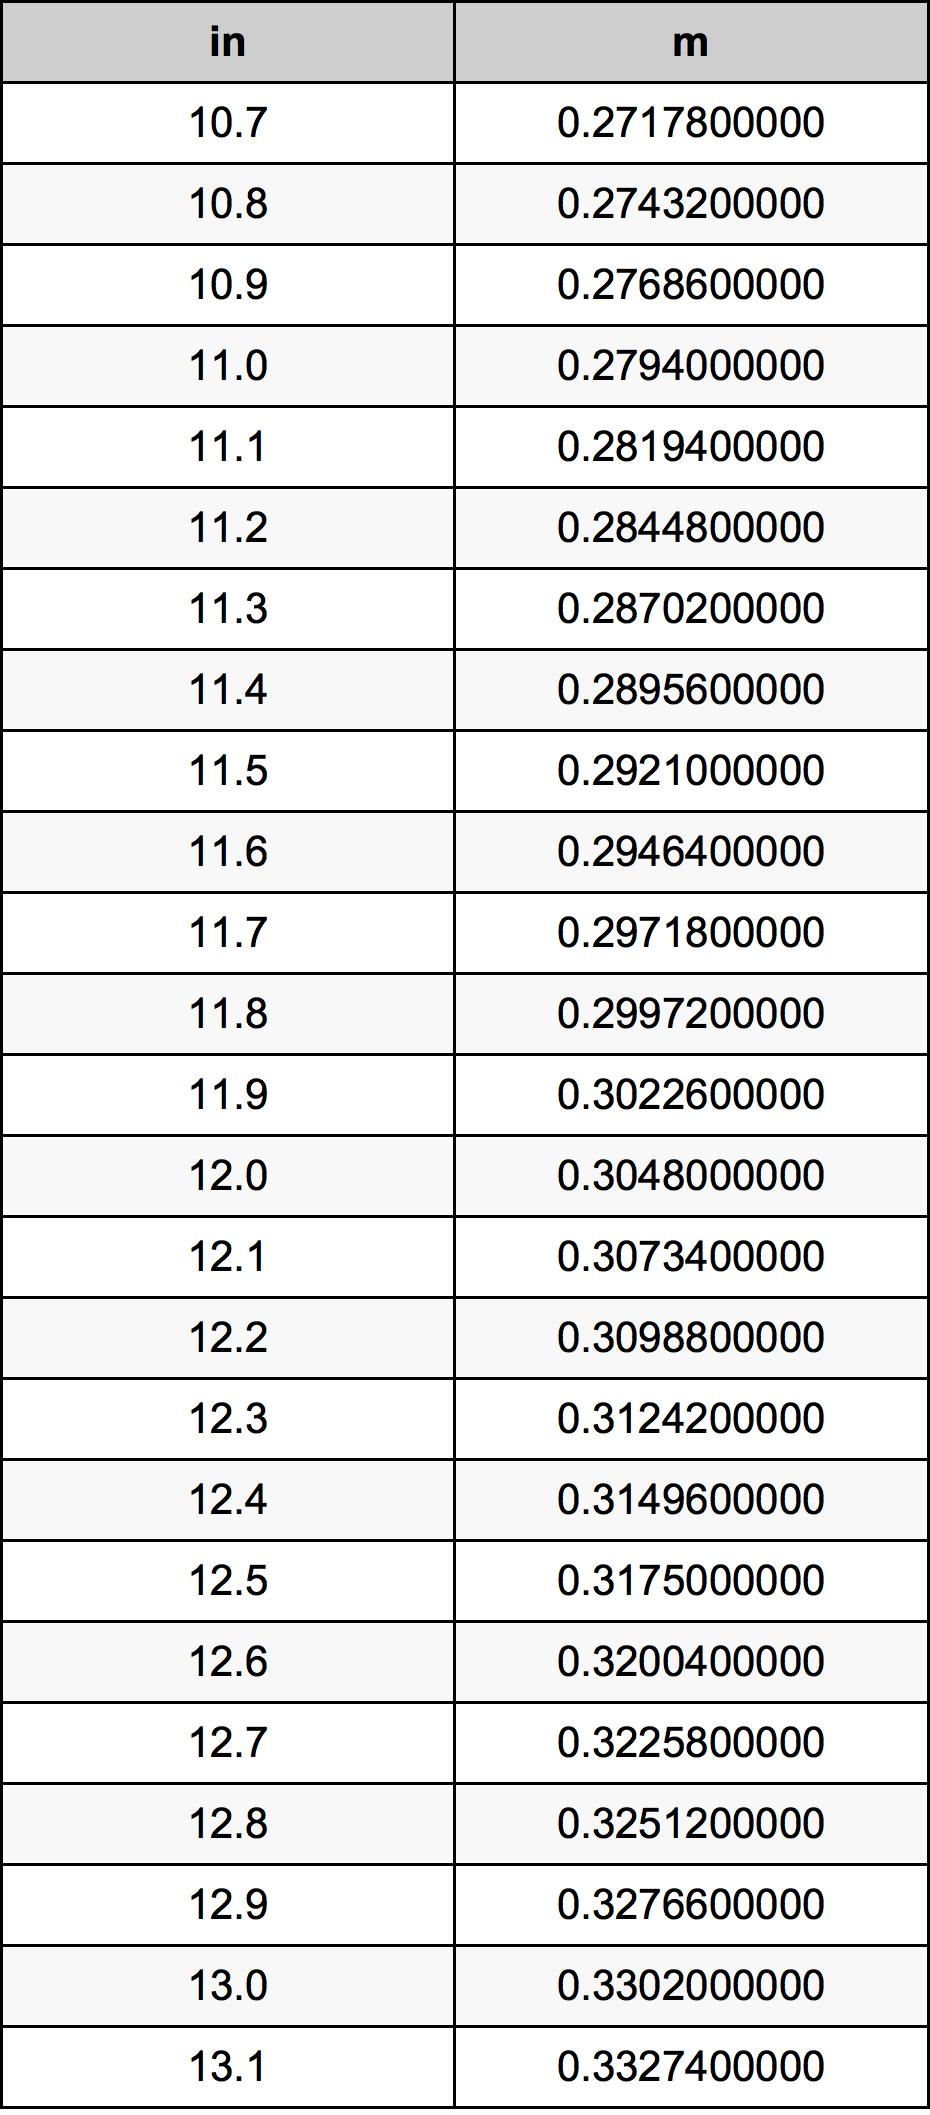 11.9 Polegada tabela de conversão